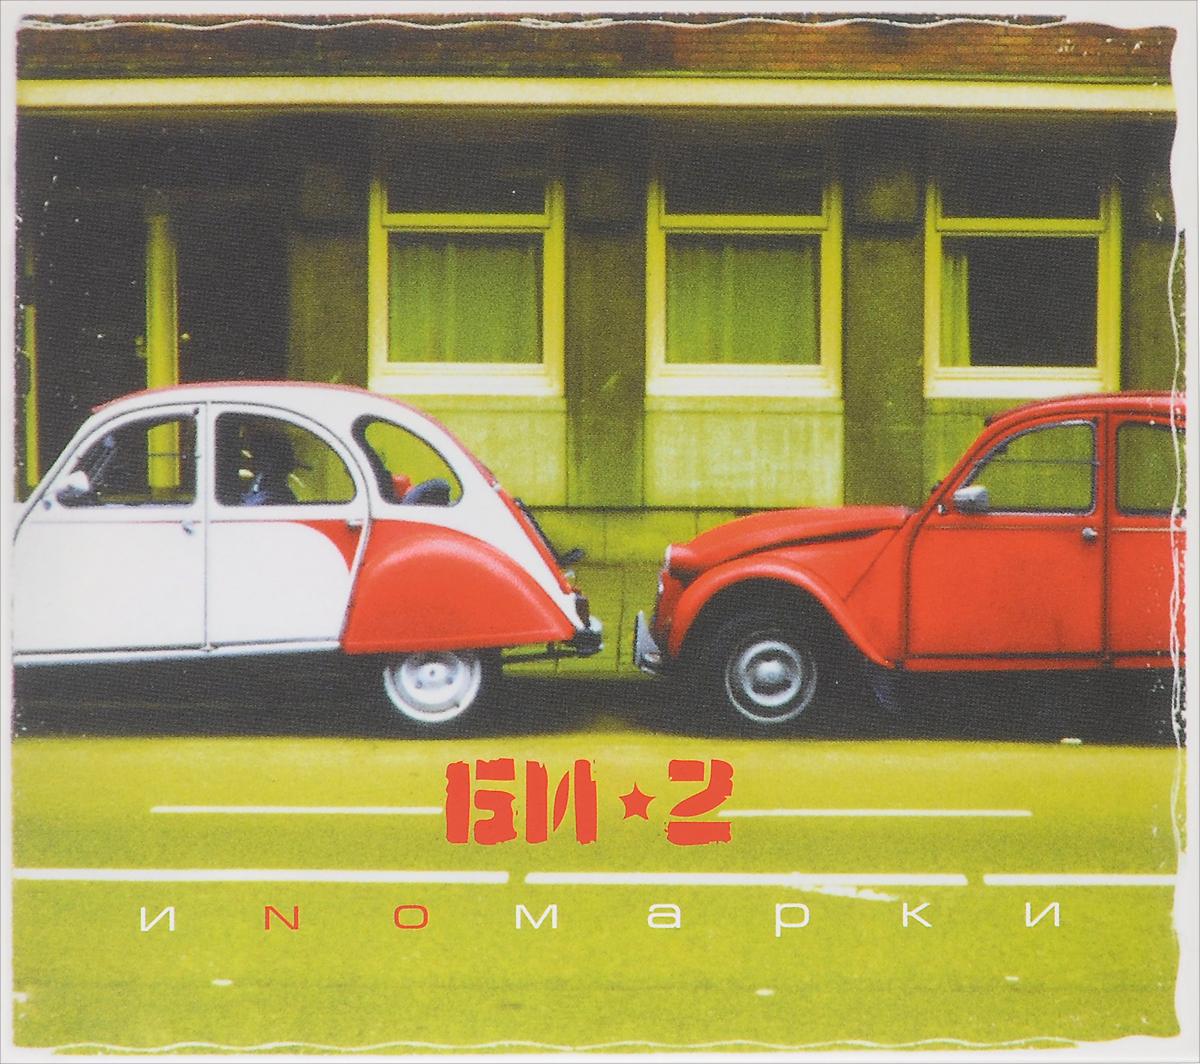 Издание содержит 12-страничный буклет с фотографиями.